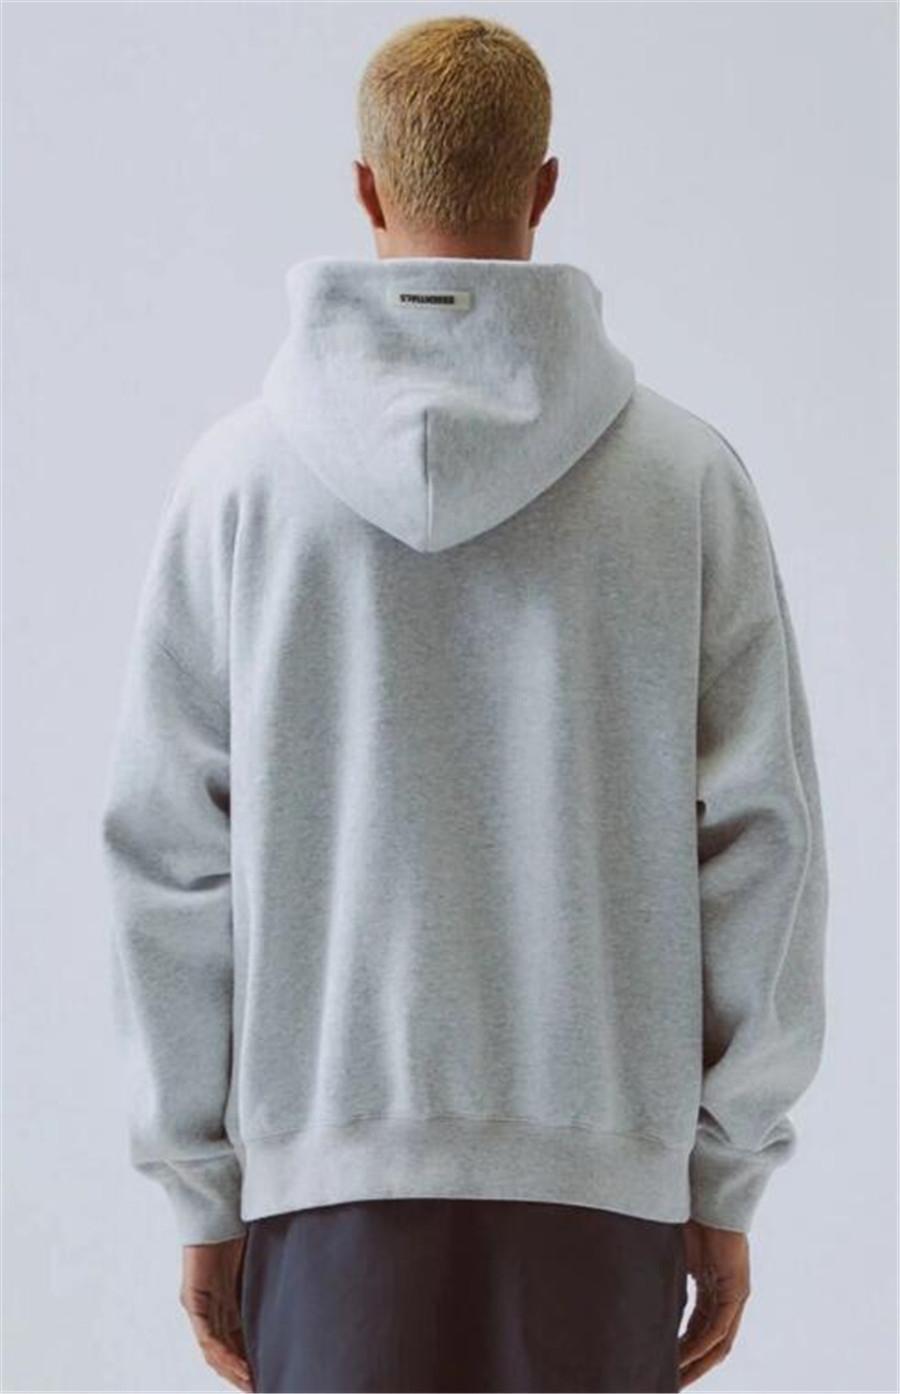 Crewneck of Teme Dios niebla Essentials Funda reflectante FYMWY265 # 207 T Pullover Sudadera 19FW Larga Casual Street Oodie Solid Shirts Swe Xkbe